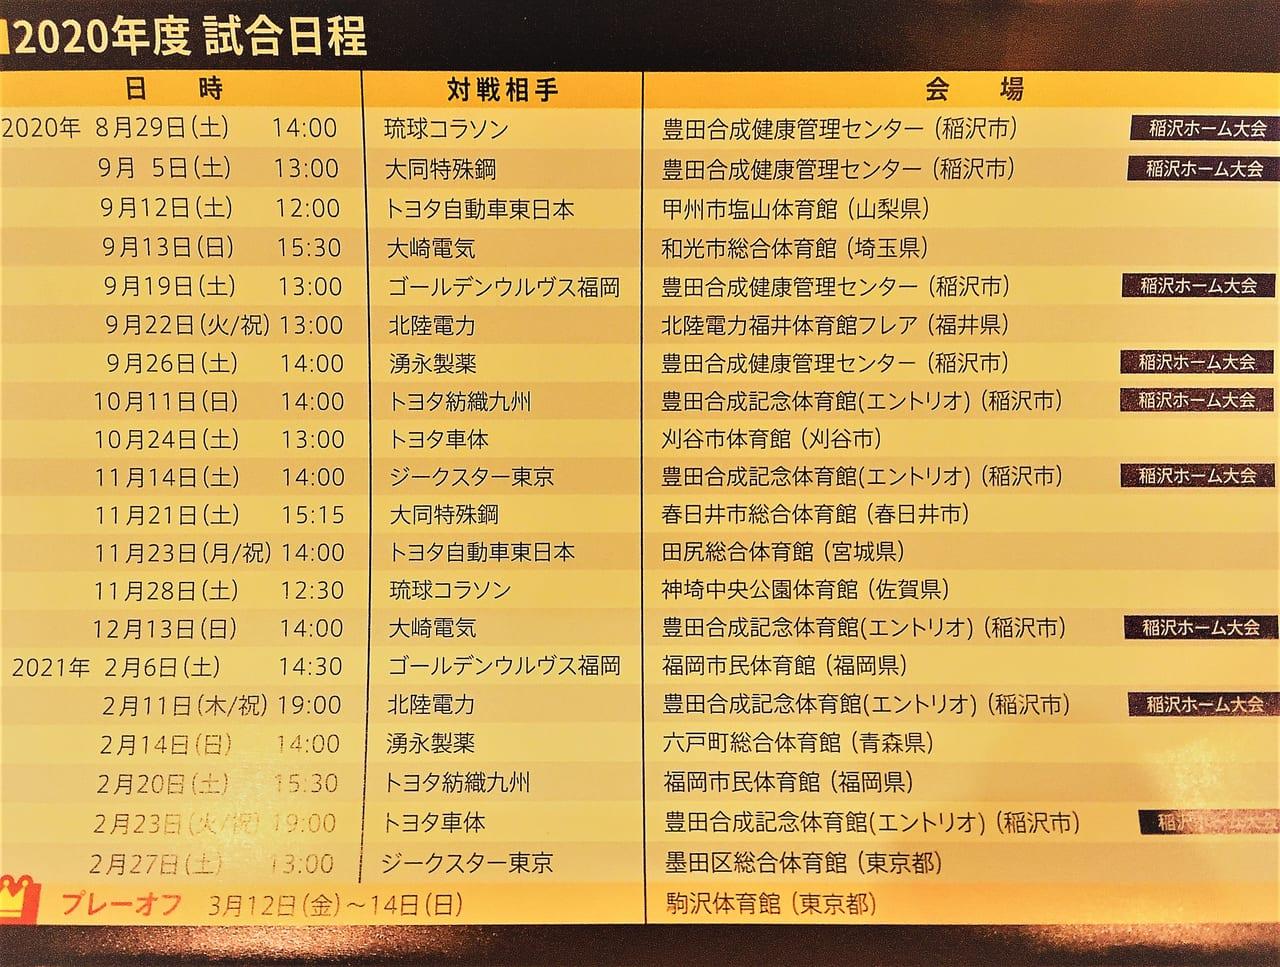 豊田合成ブルーファルコンの試合の日程